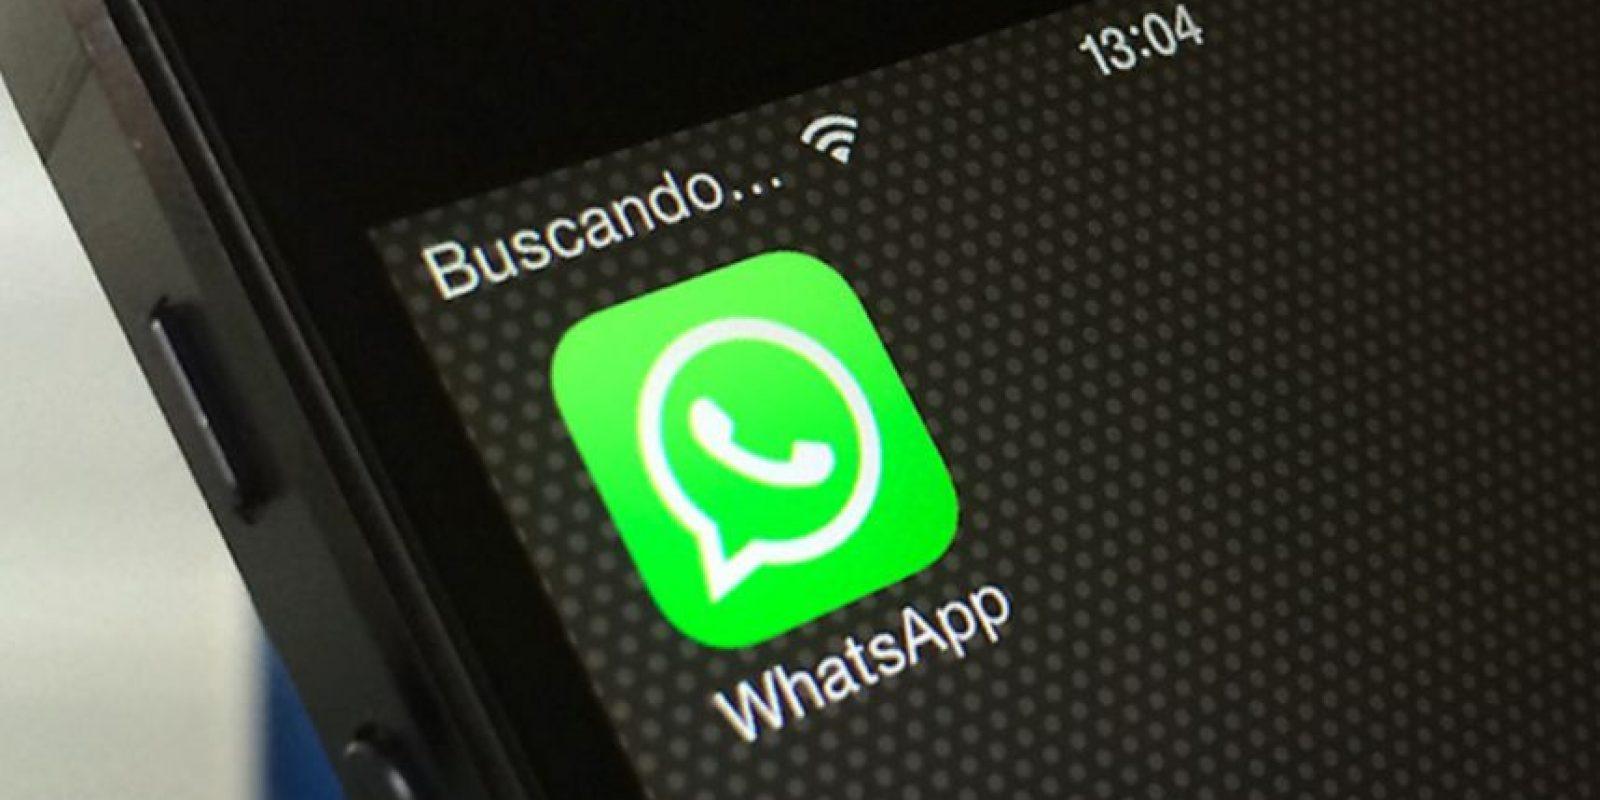 Gracias a la app Seebye Scheduler es posible programar mensajes automáticos en WhatsApp, para que se envíen a la hora que quieran y al destinatario que deseen. Foto:Tumblr